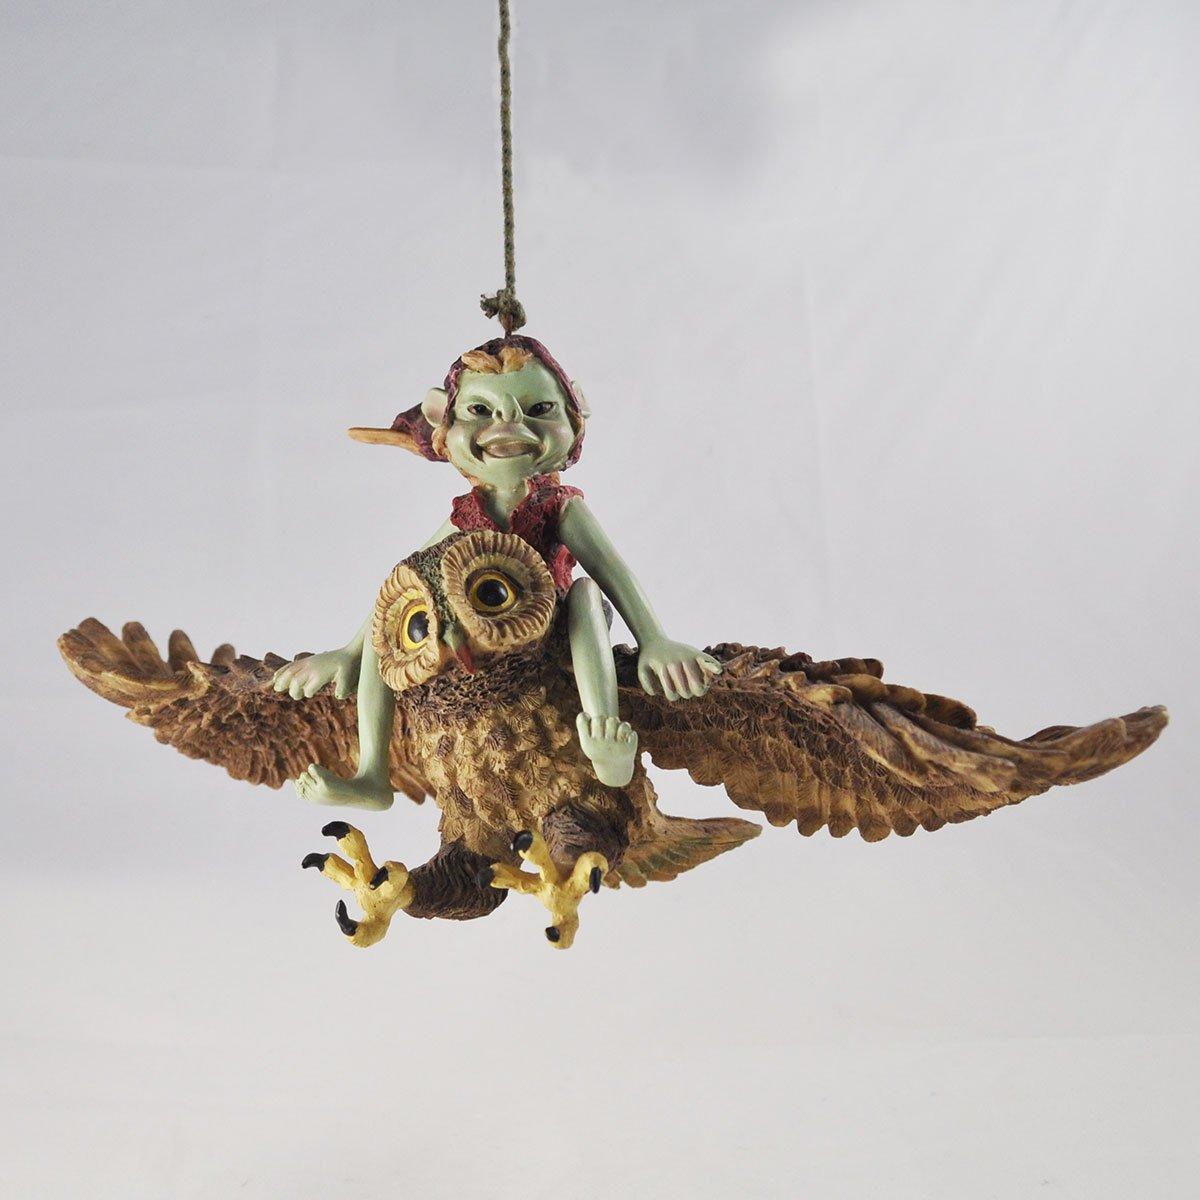 ornamento Colgante jard/ín verde de la decoraci/ón del hogar de la estatuilla Anthony Fisher Quirky Pixie colgando de la cuerda